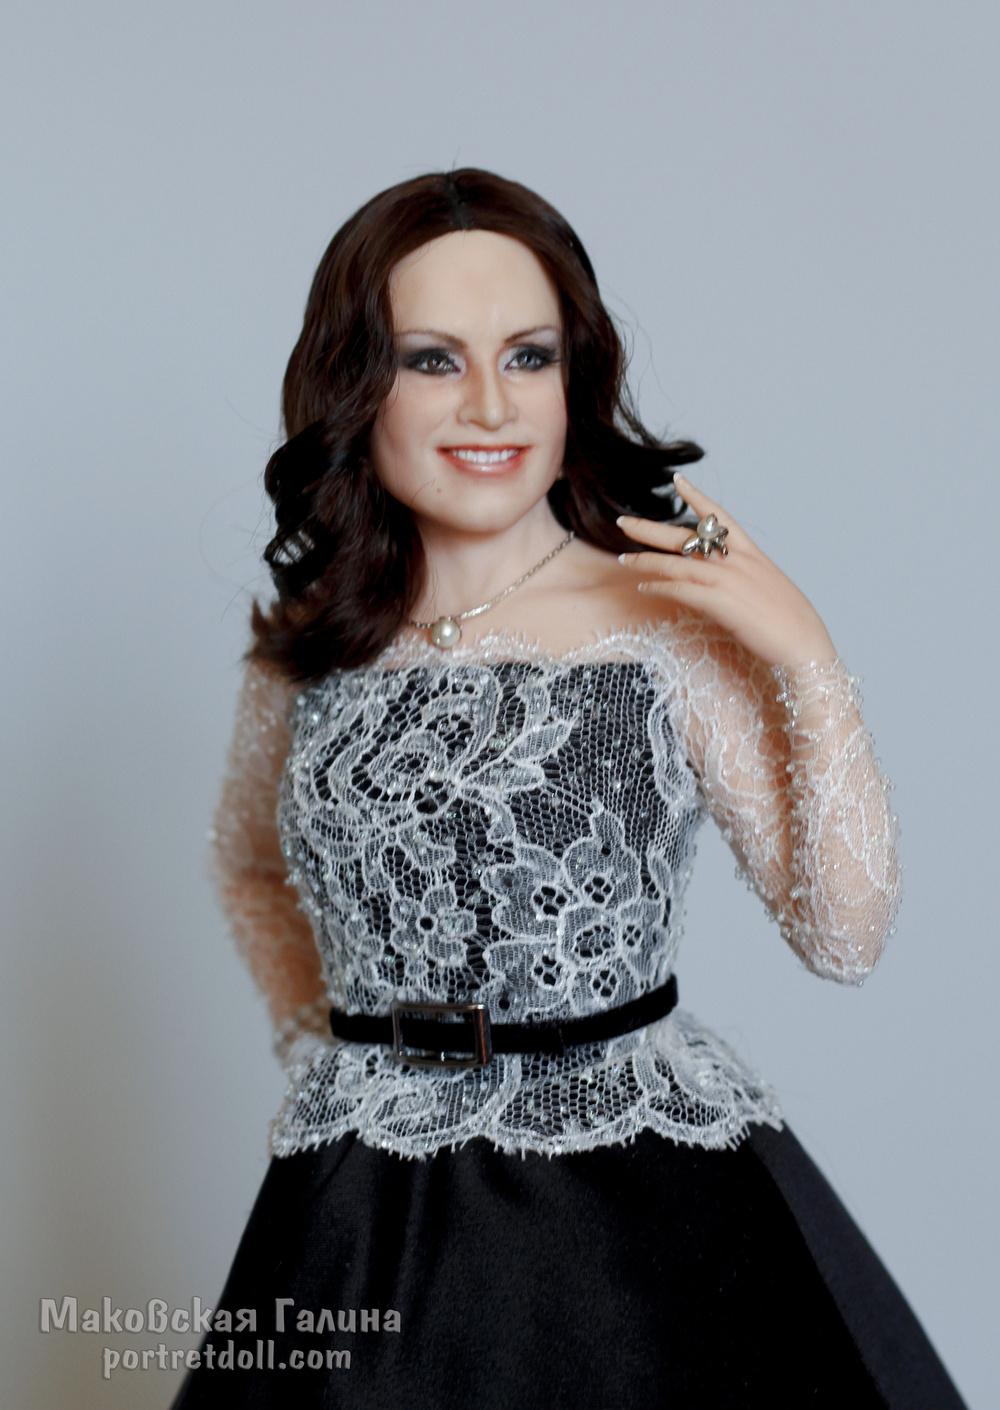 ротару софия, портретная кукла, кукла в подарок, кукла по фото, вид1